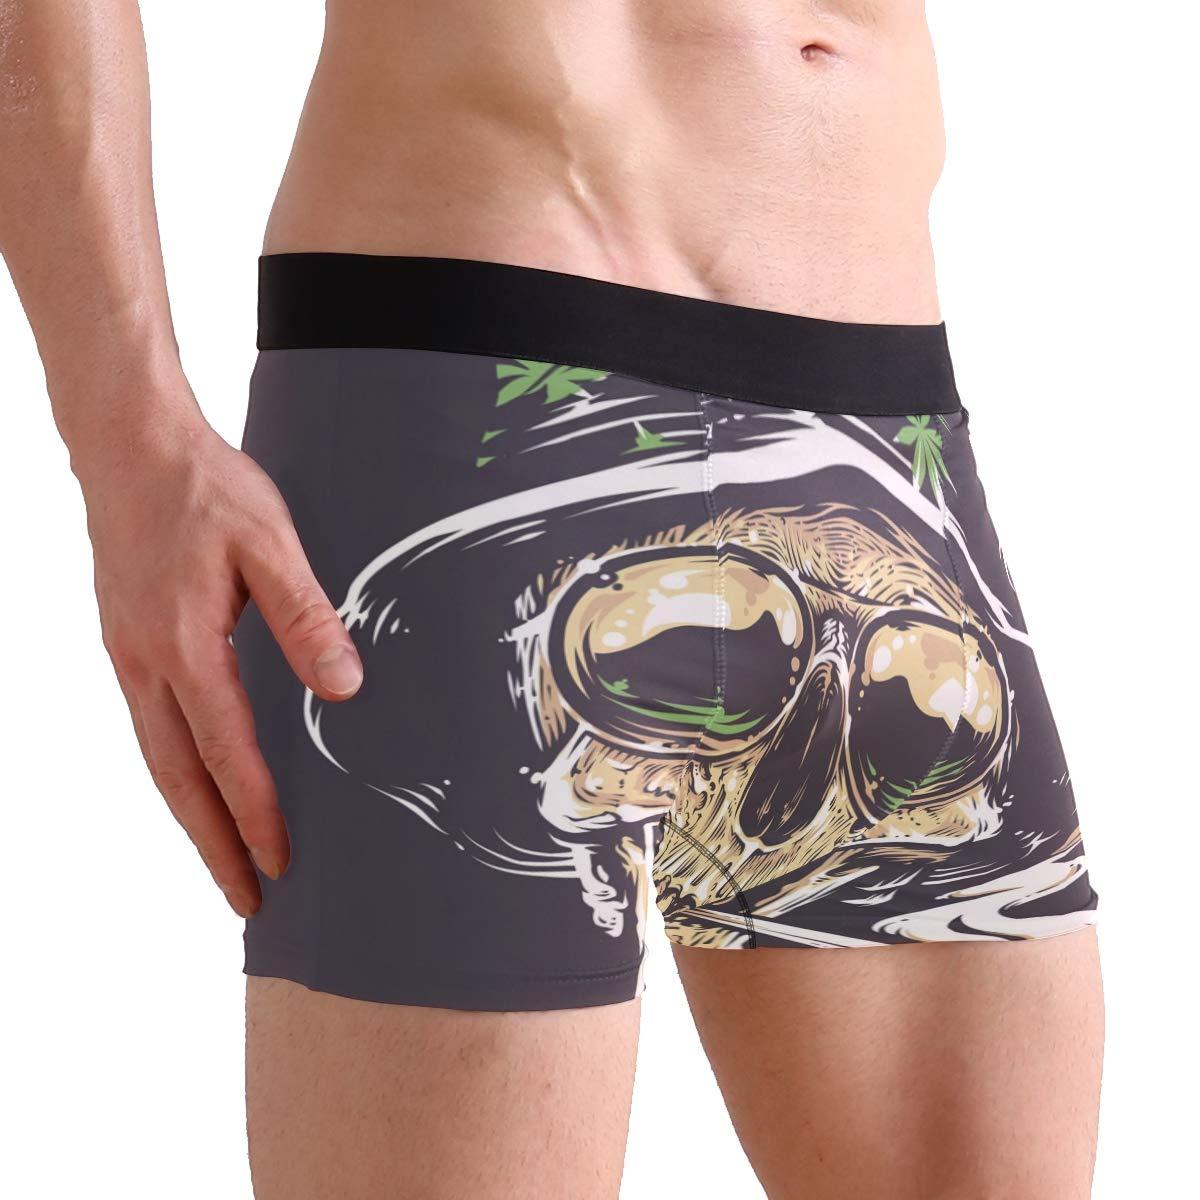 Mens 2-Pack Boxer Briefs Polyester Underwear Trunk Underwear with Skull Art Design